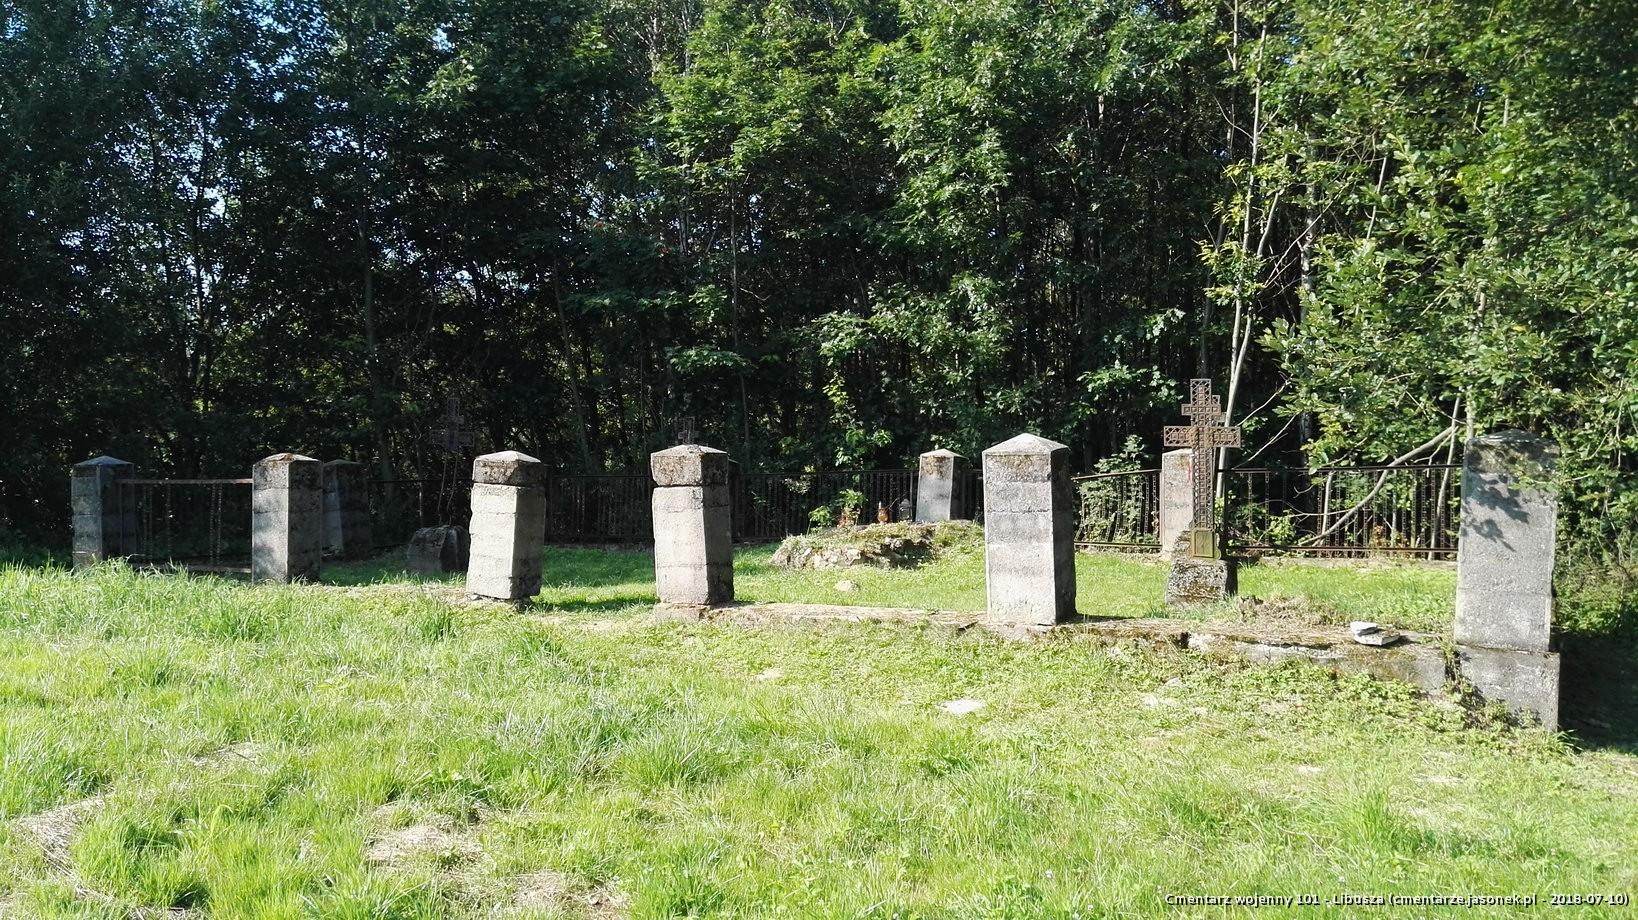 Cmentarz wojenny 101 - Libusza